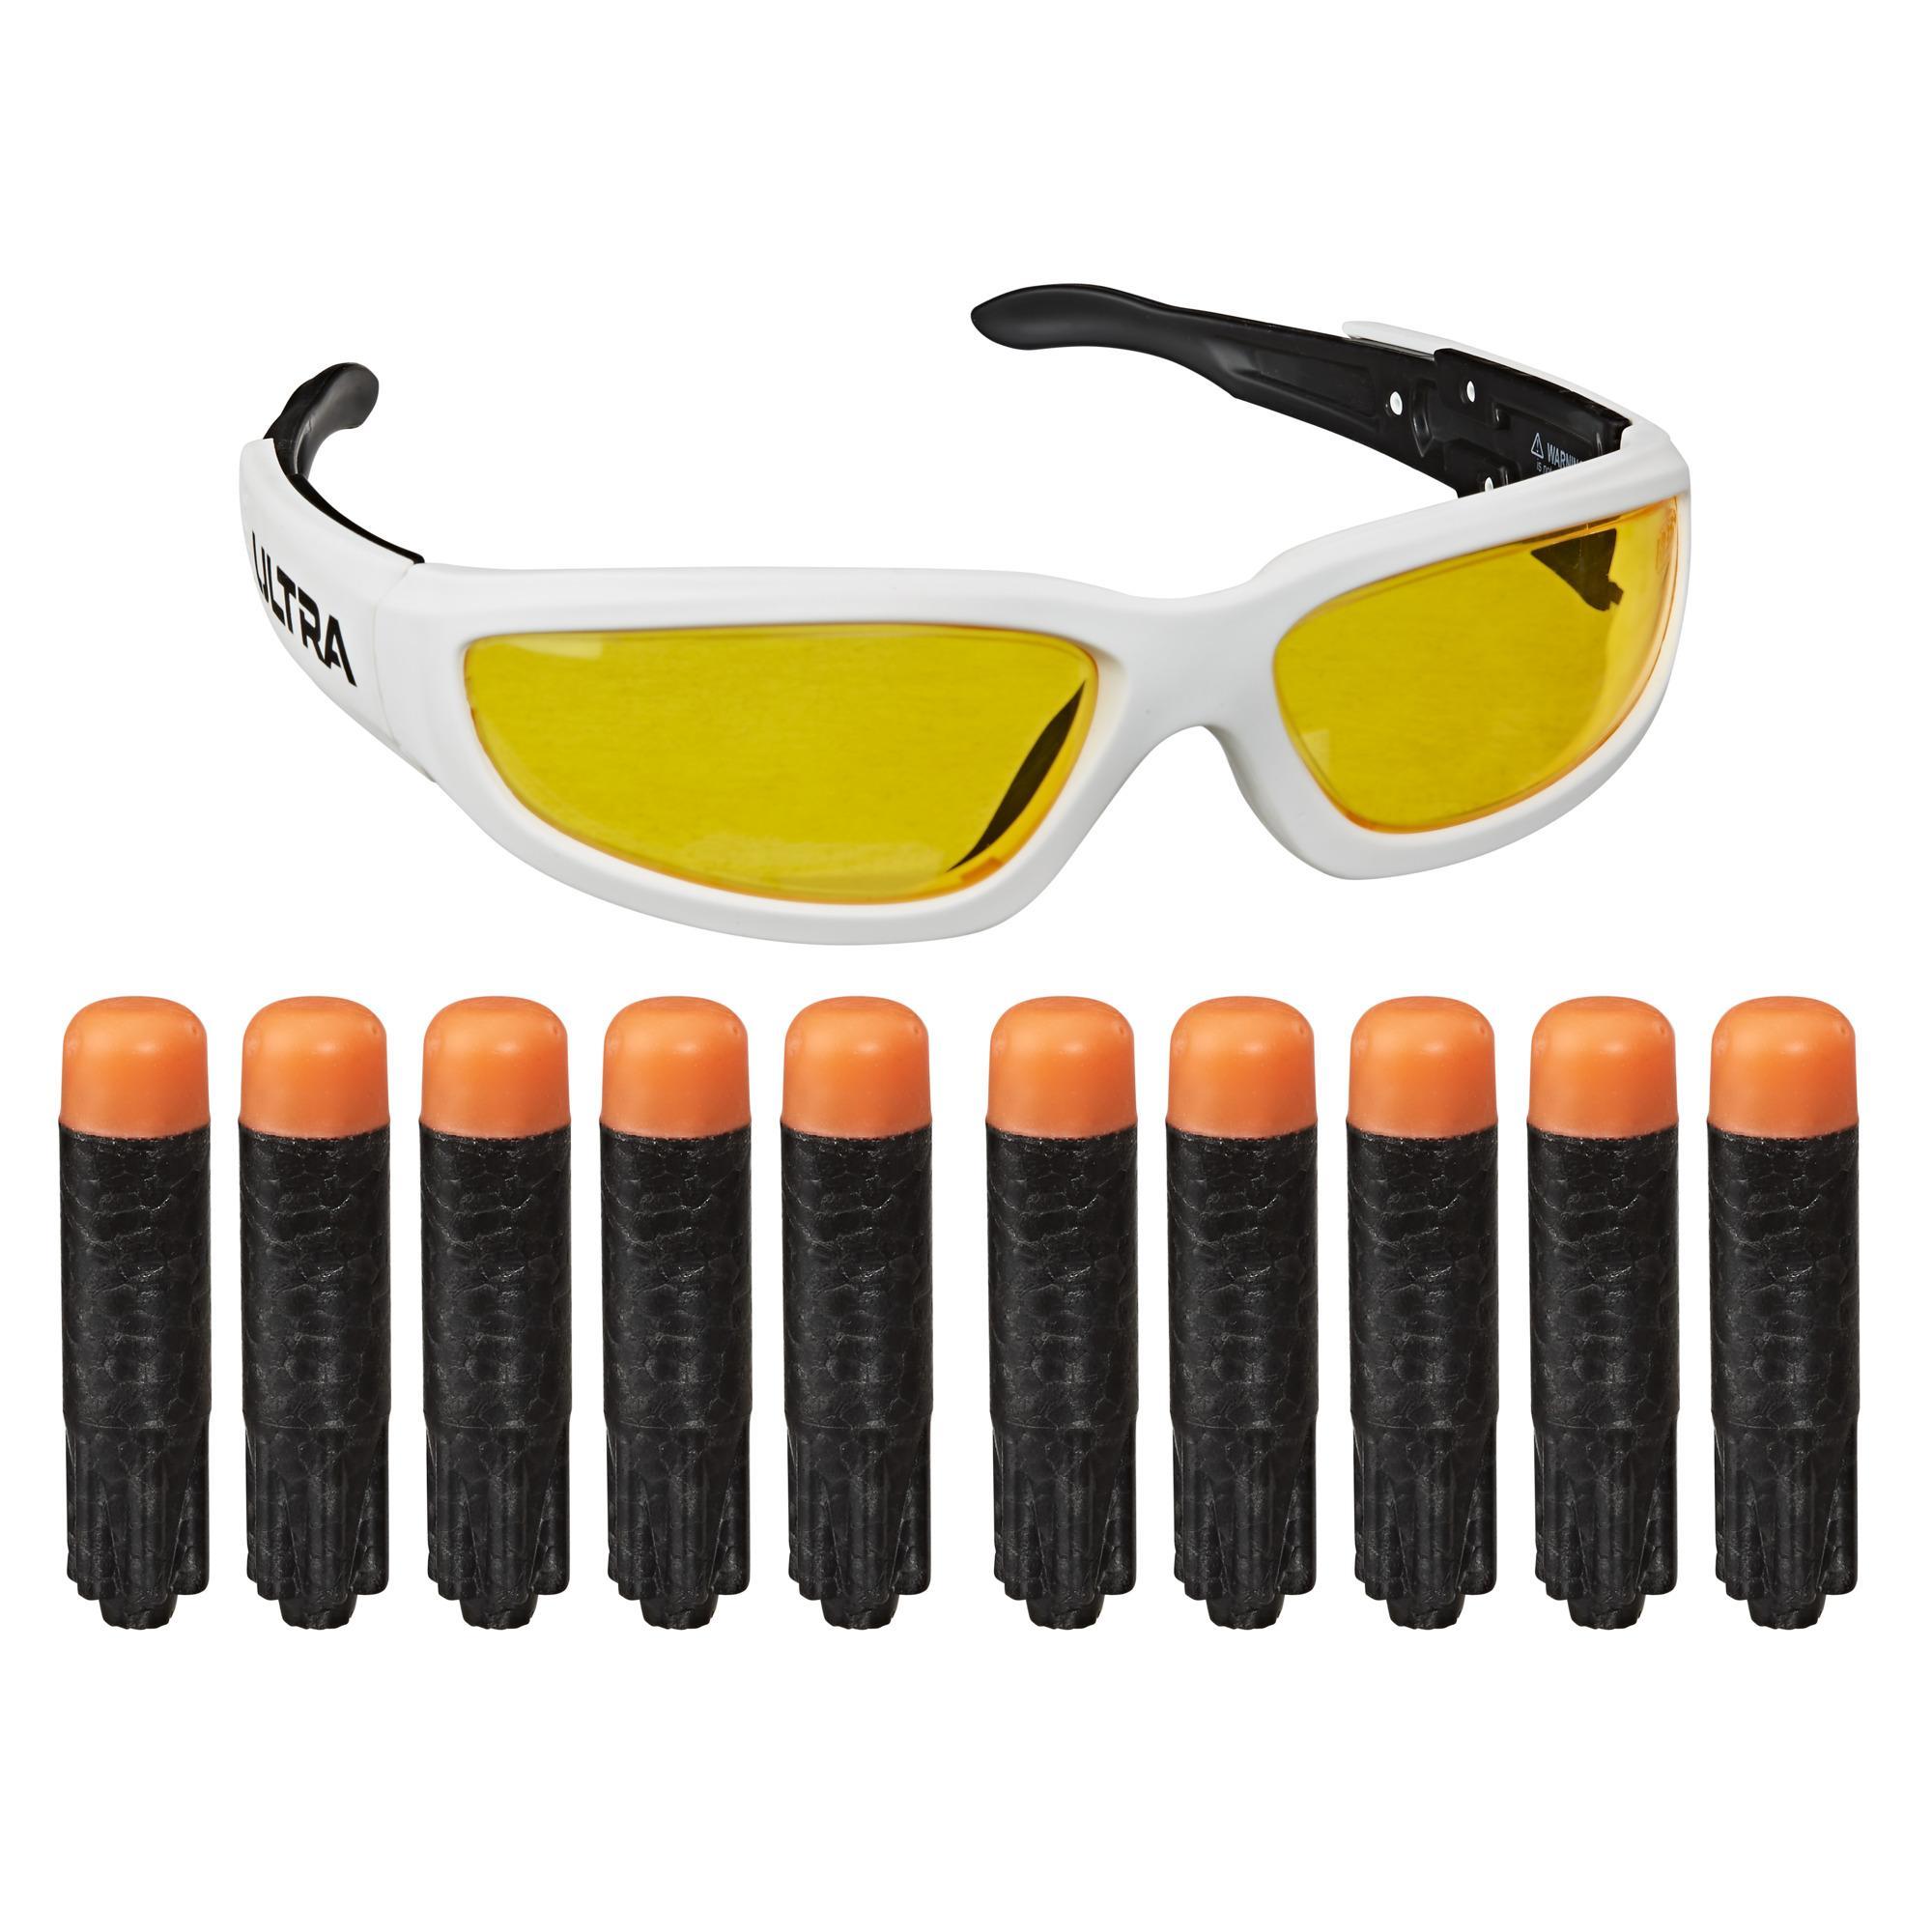 Nerf Ultra Vision Gear Brille und 10 Nerf Ultra Darts